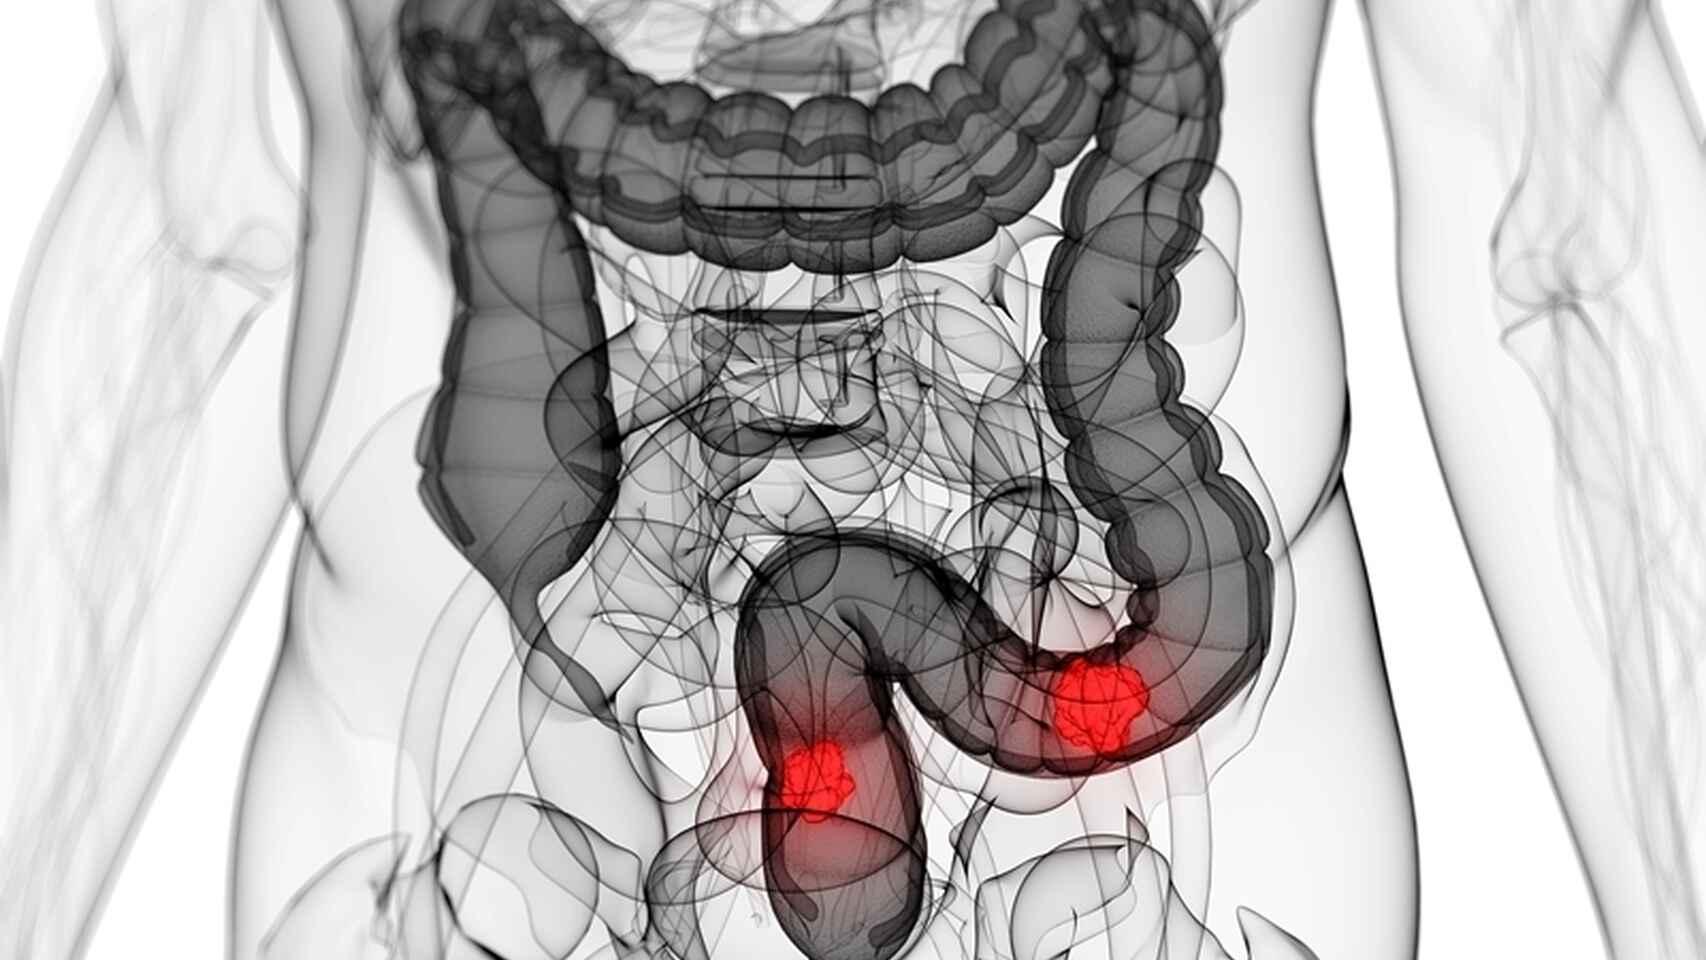 El alarmante aumento del cancer de colon en los jovenes: las claves para disminuir el riesgo